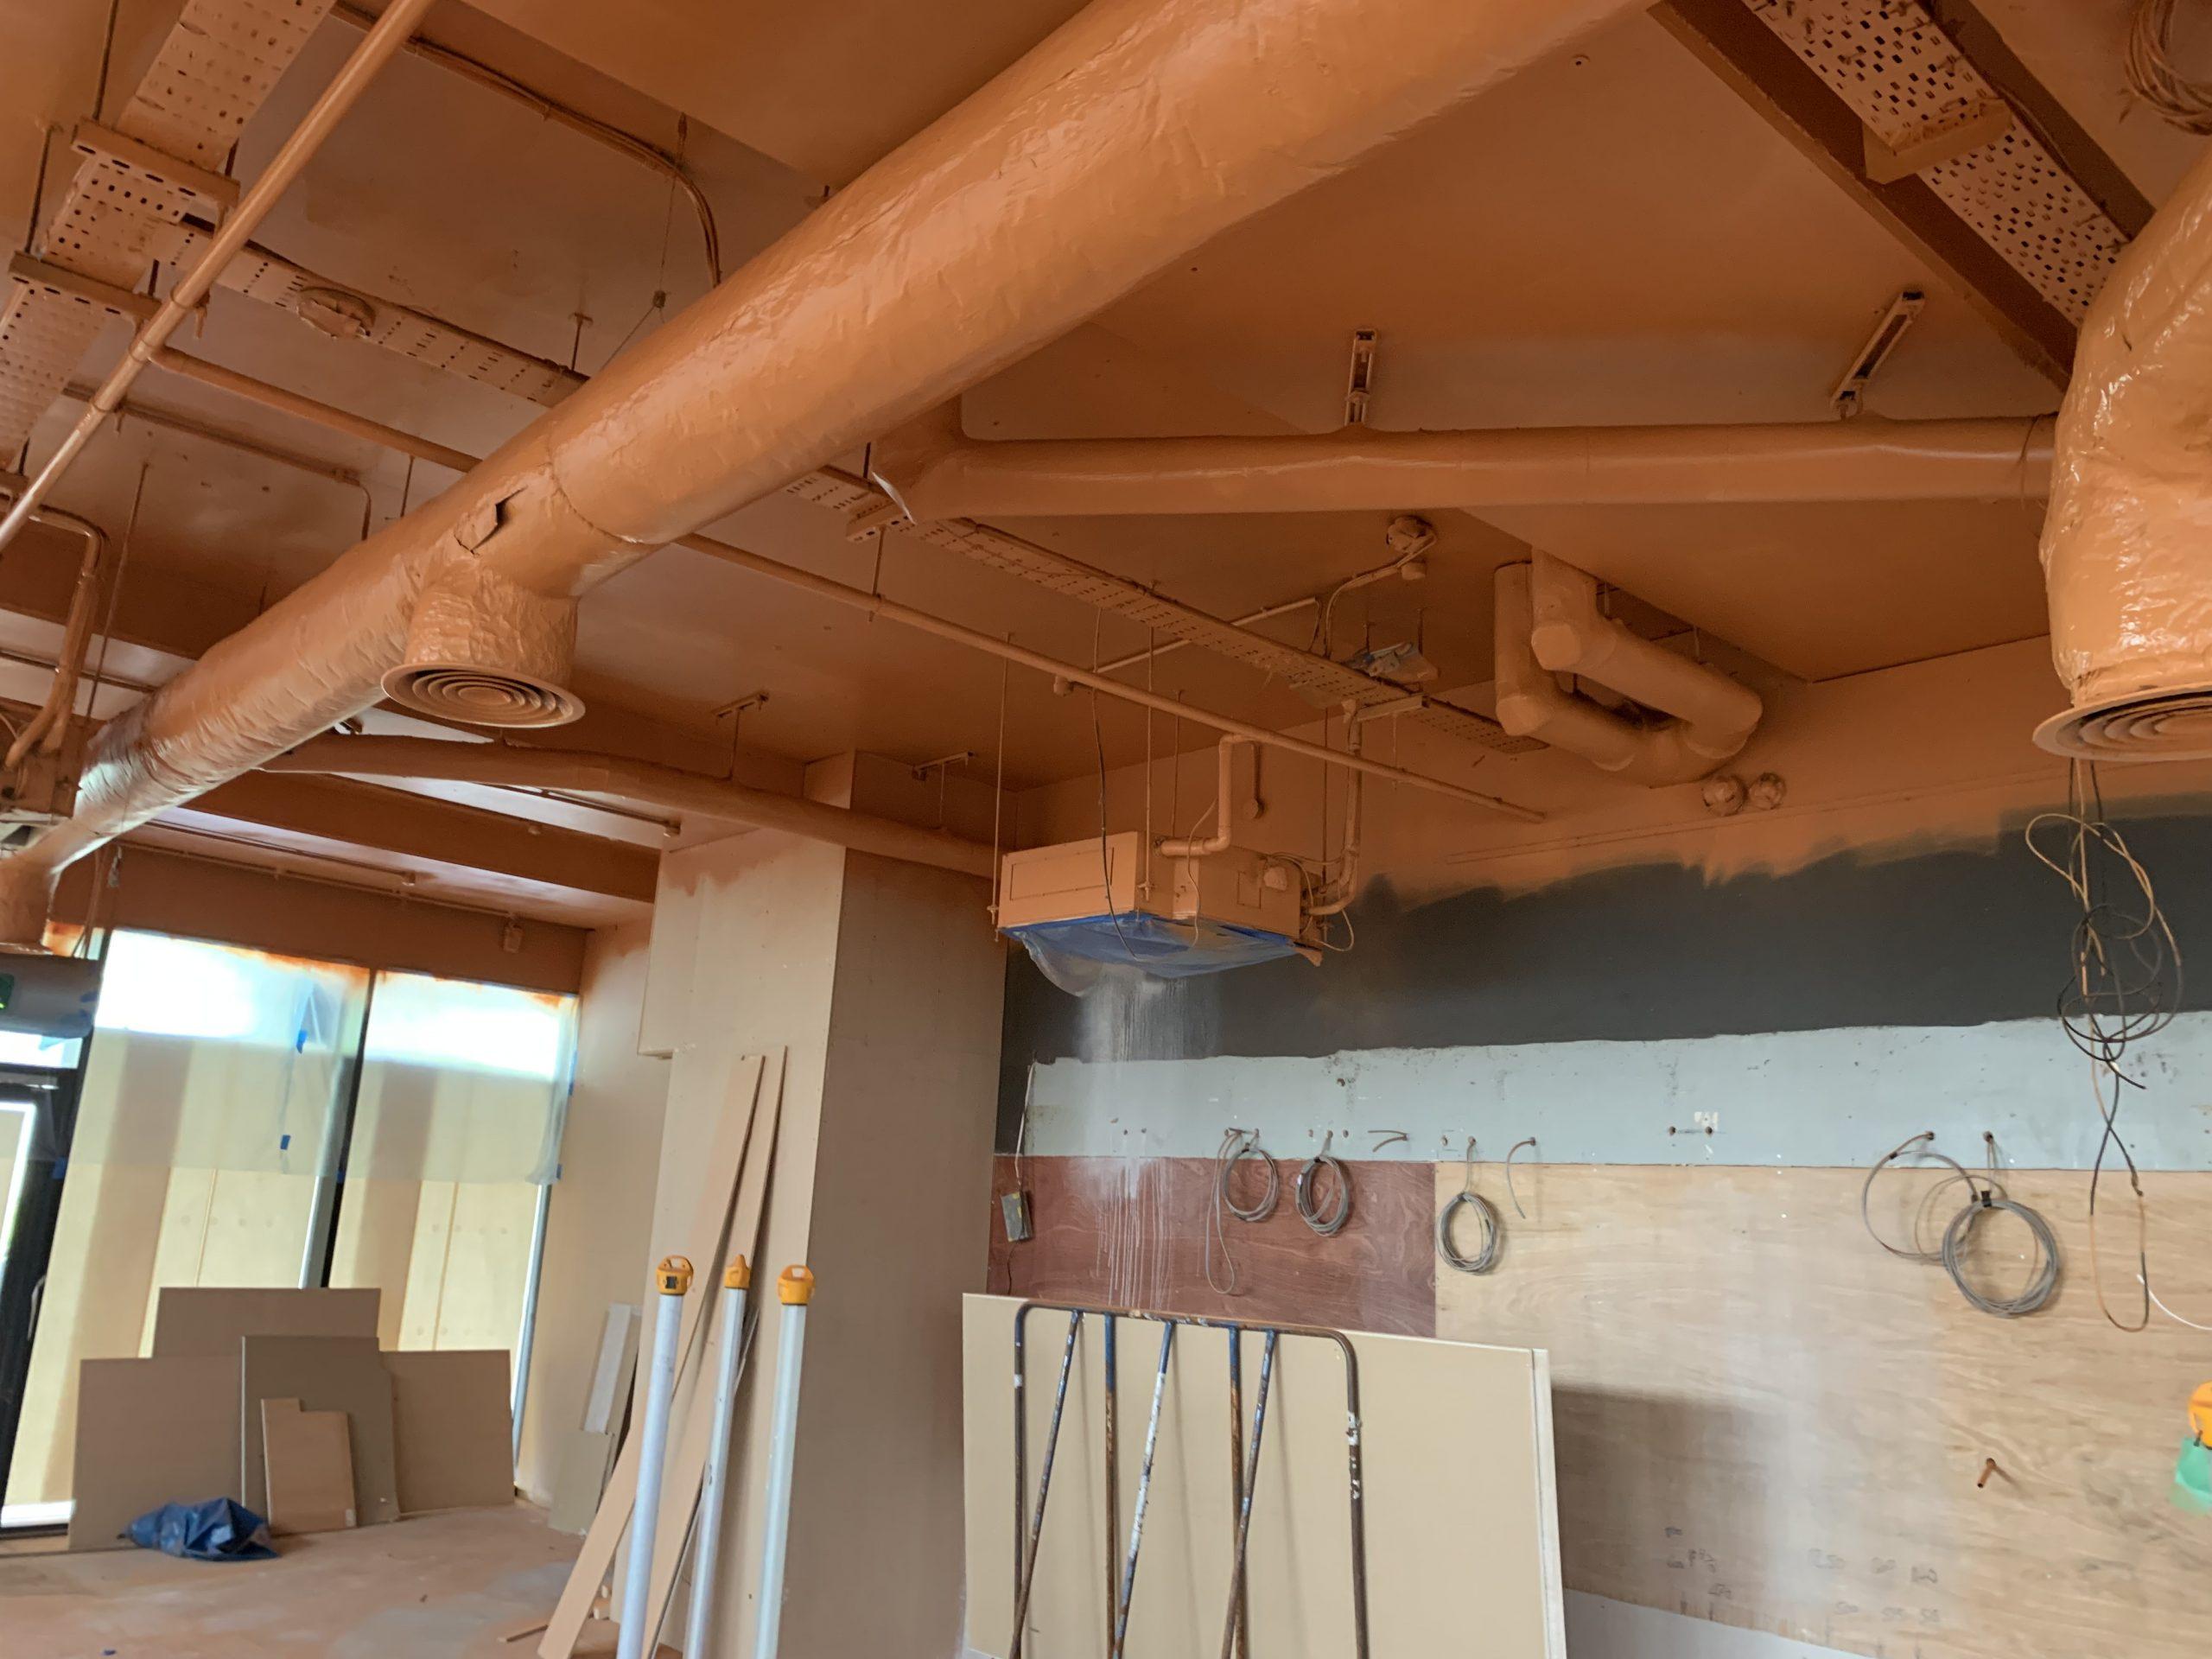 Inside Starbucks roof paint job